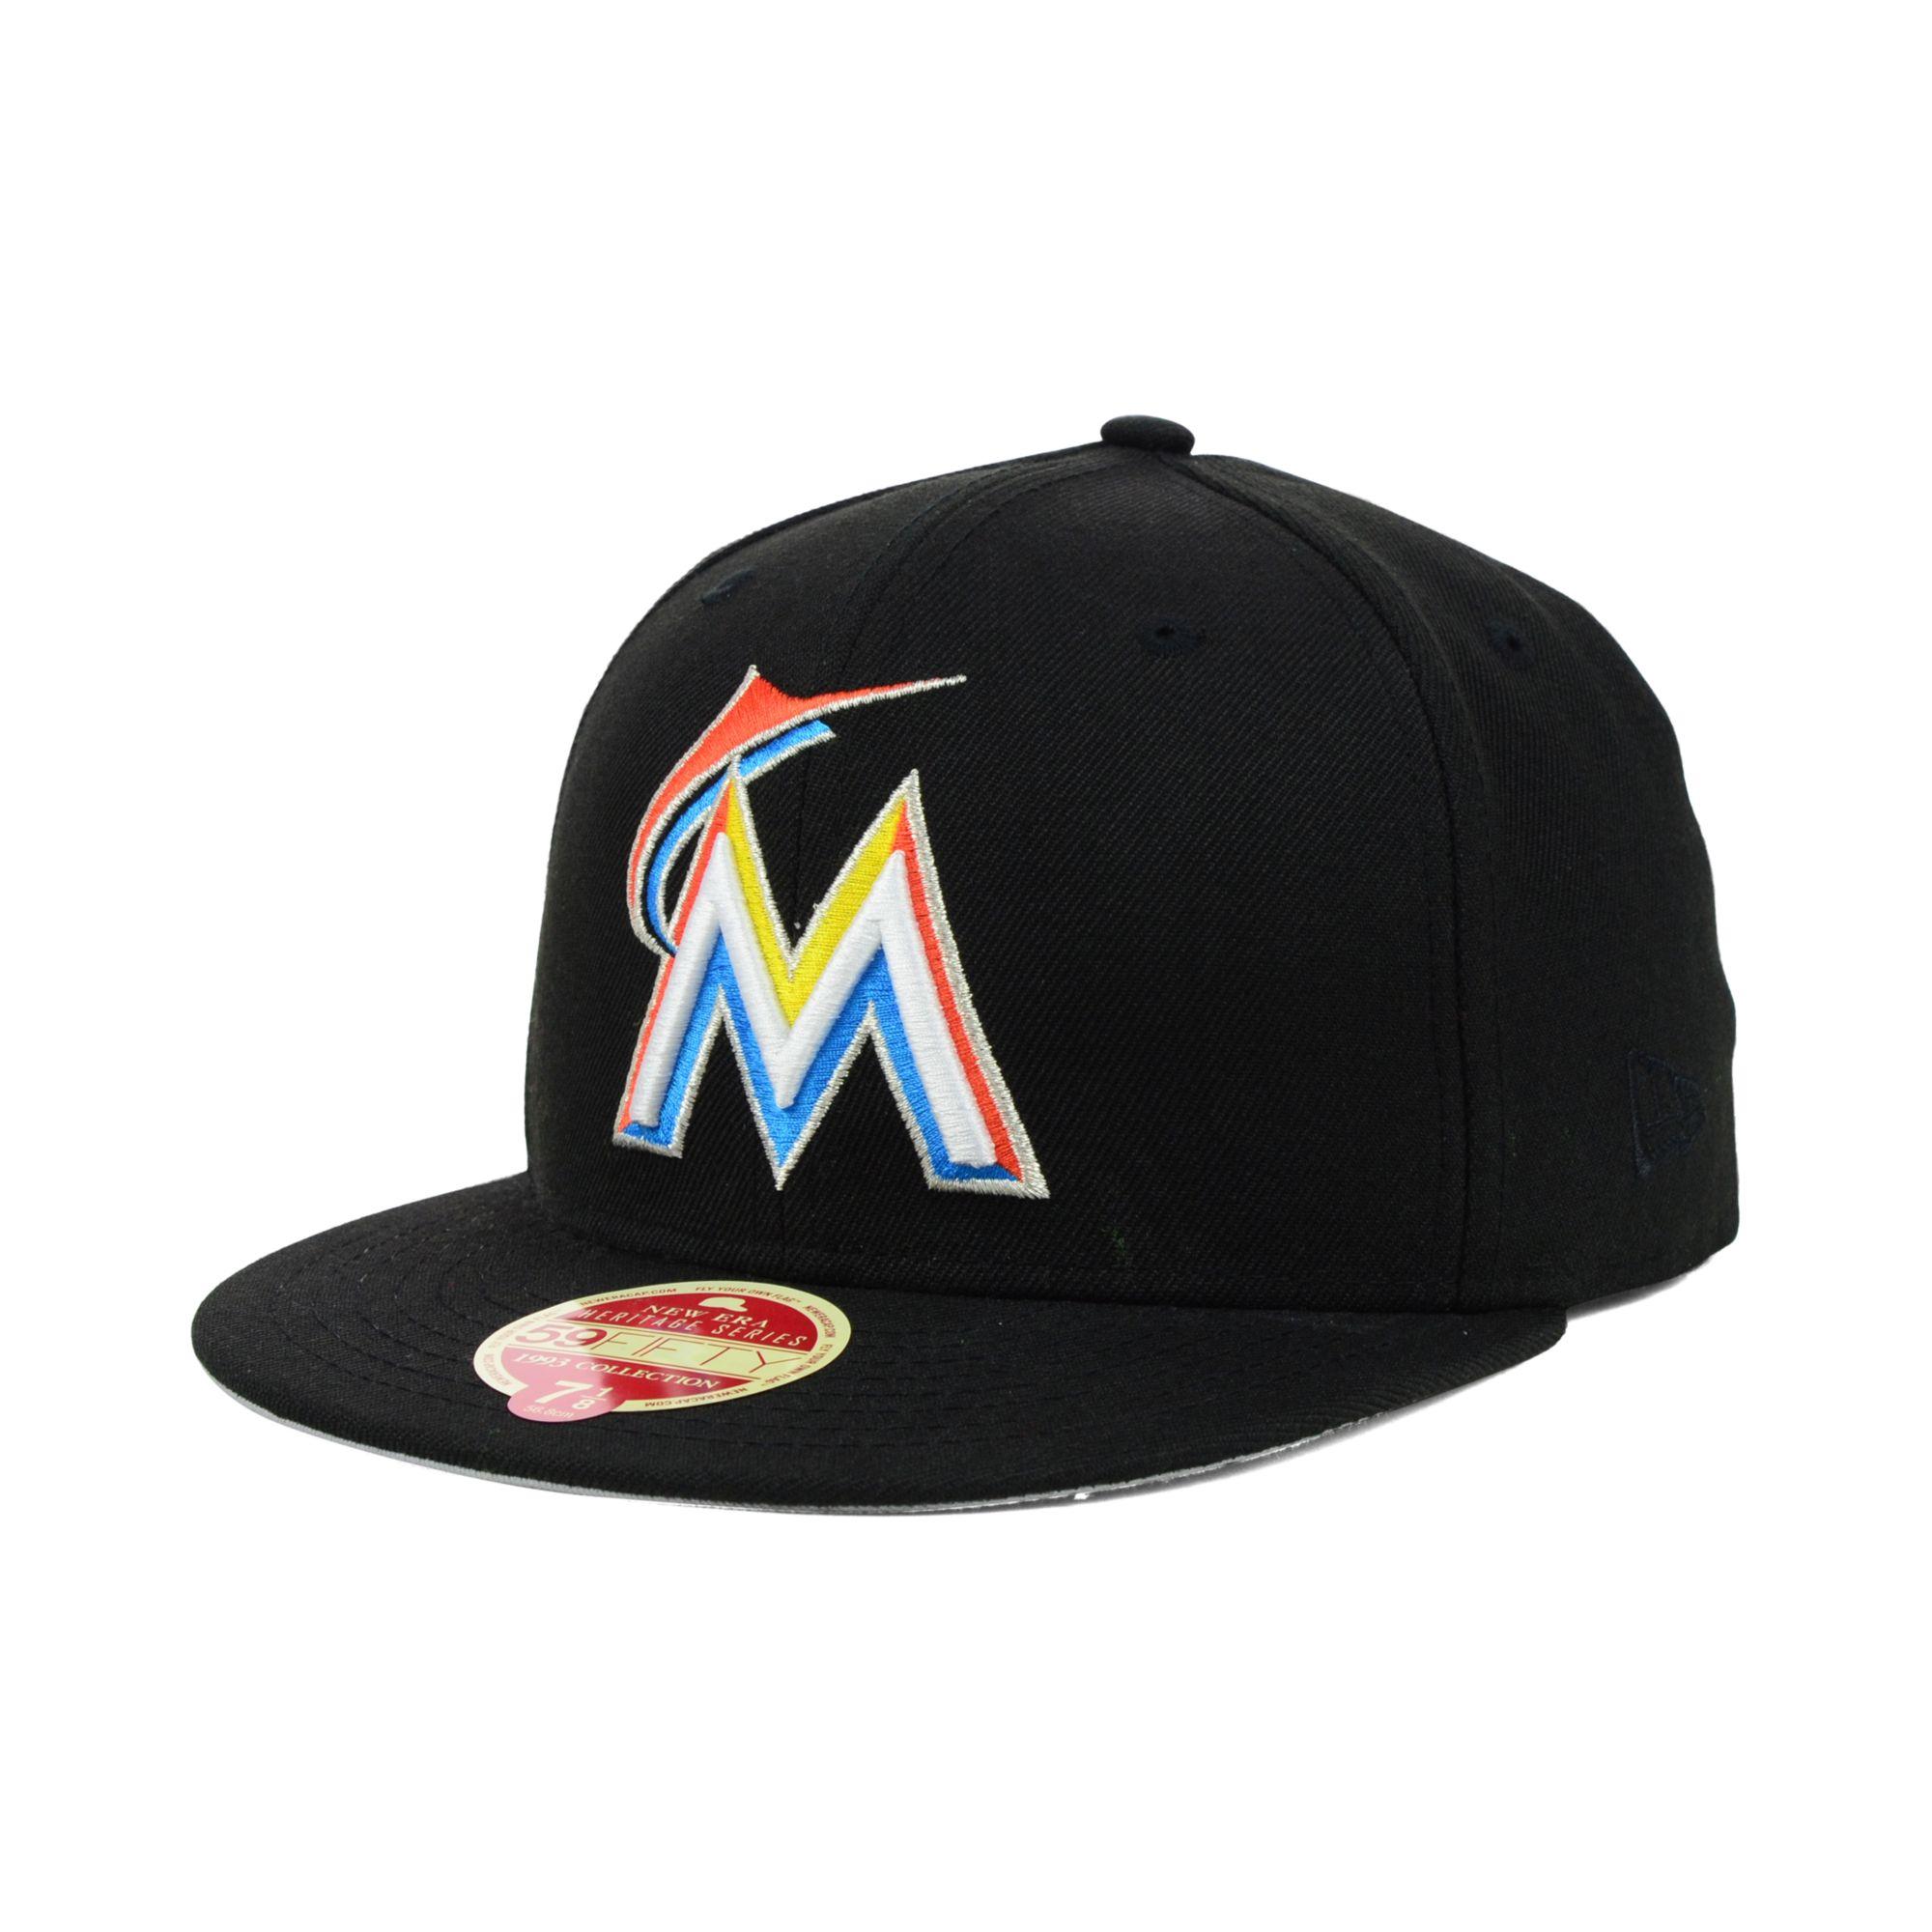 0a45204883b45 Canada Goose Hats 59fifty New Era